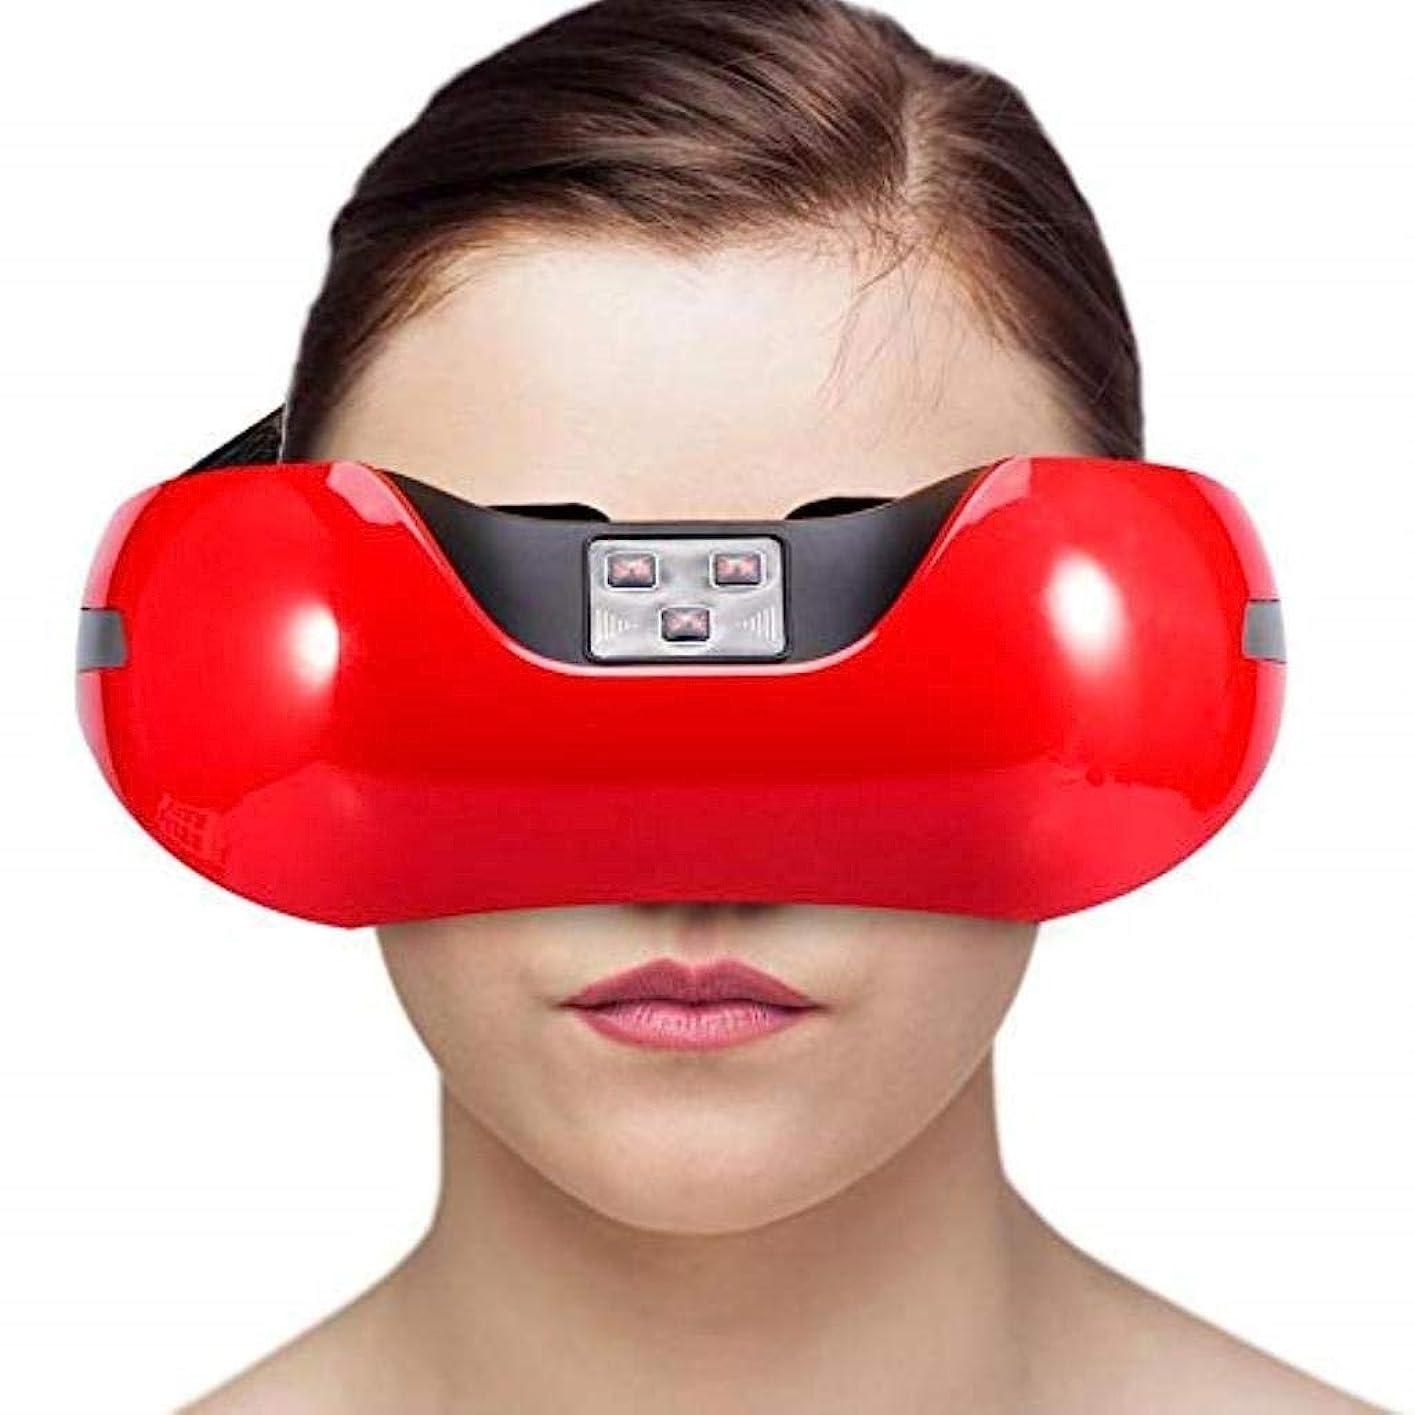 囲いストレスおもしろい近視の予防のための視力回復器具トレーニングアイマッサージ器具 (Color : Red)